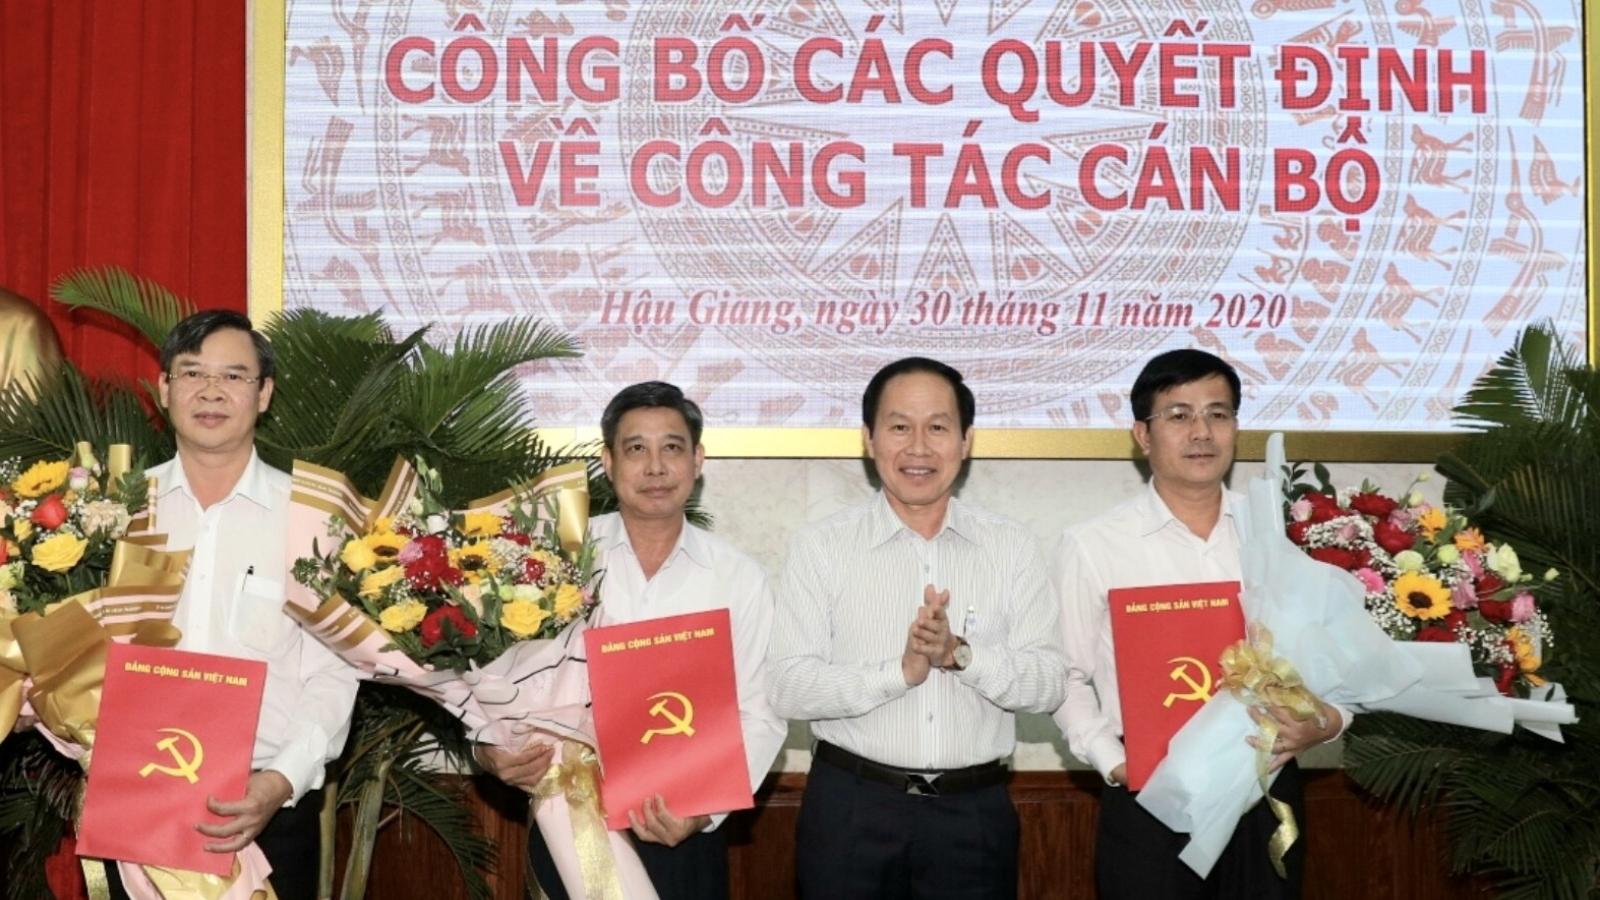 Trao Quyết định phê chuẩn kết quả bầu Chủ tịch UBND tỉnh Hậu Giang